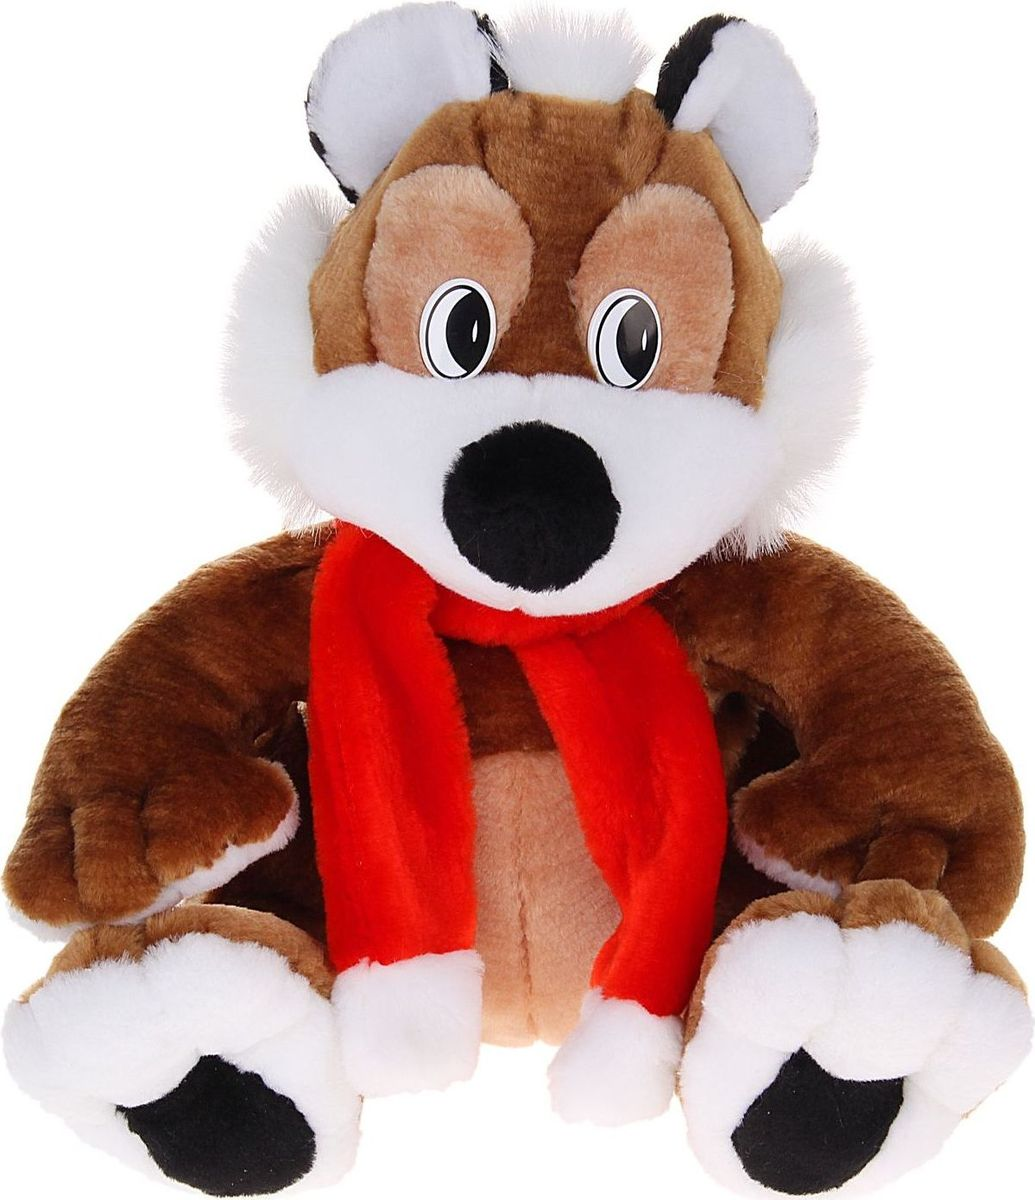 Sima-land Мягкая игрушка Бурундучок 35 см sima land мягкая игрушка лисенок рыжик 60 см